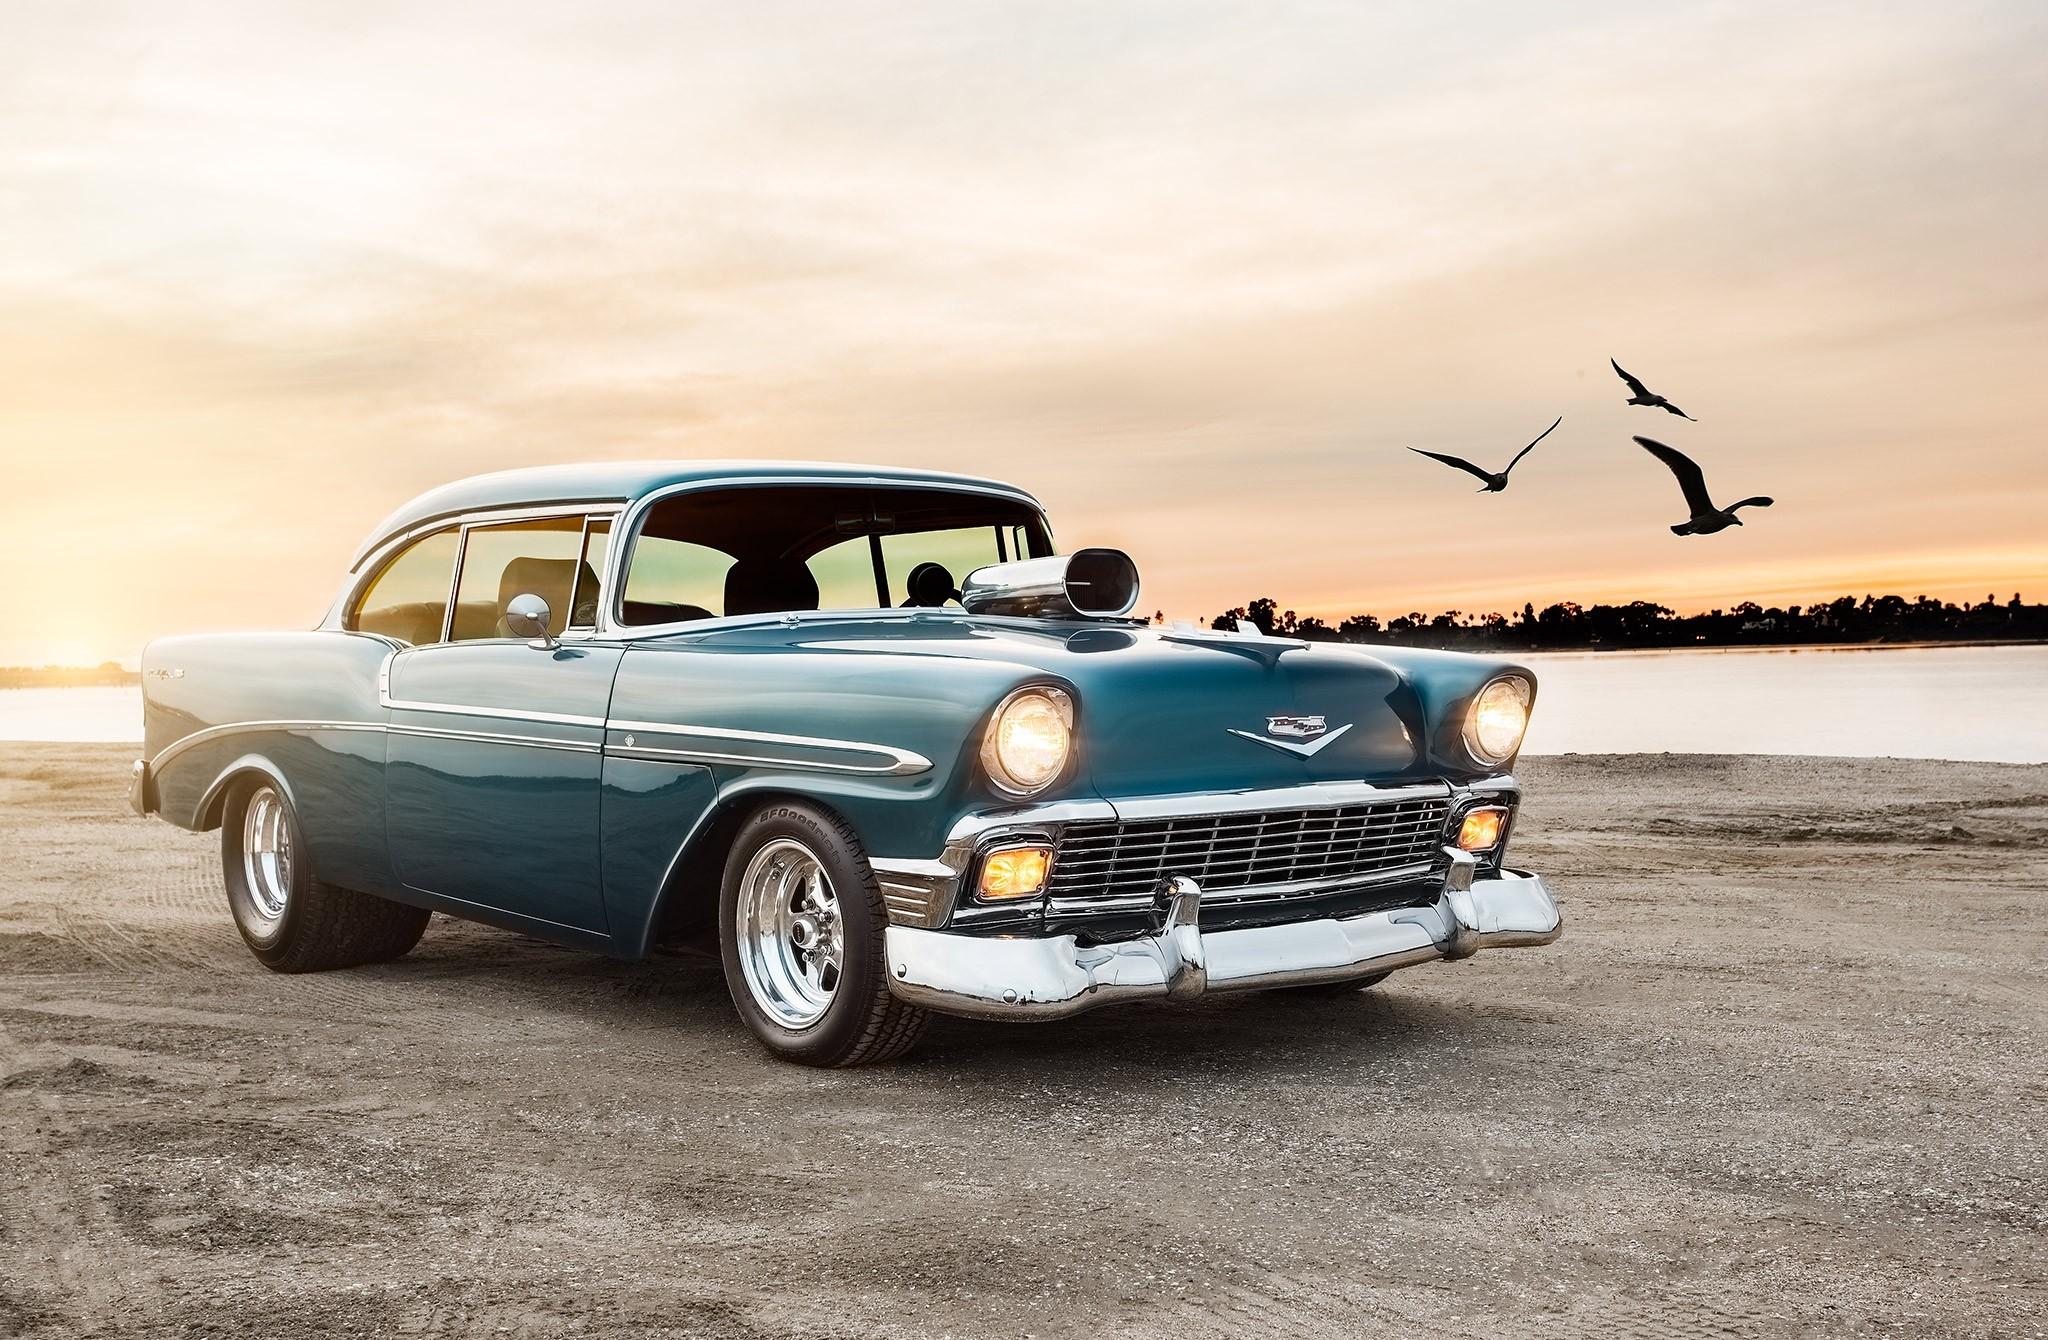 87958 скачать обои Тачки (Cars), 1956, Шевроле (Chevrolet), Bel, Air, Спорт, Coupe - заставки и картинки бесплатно